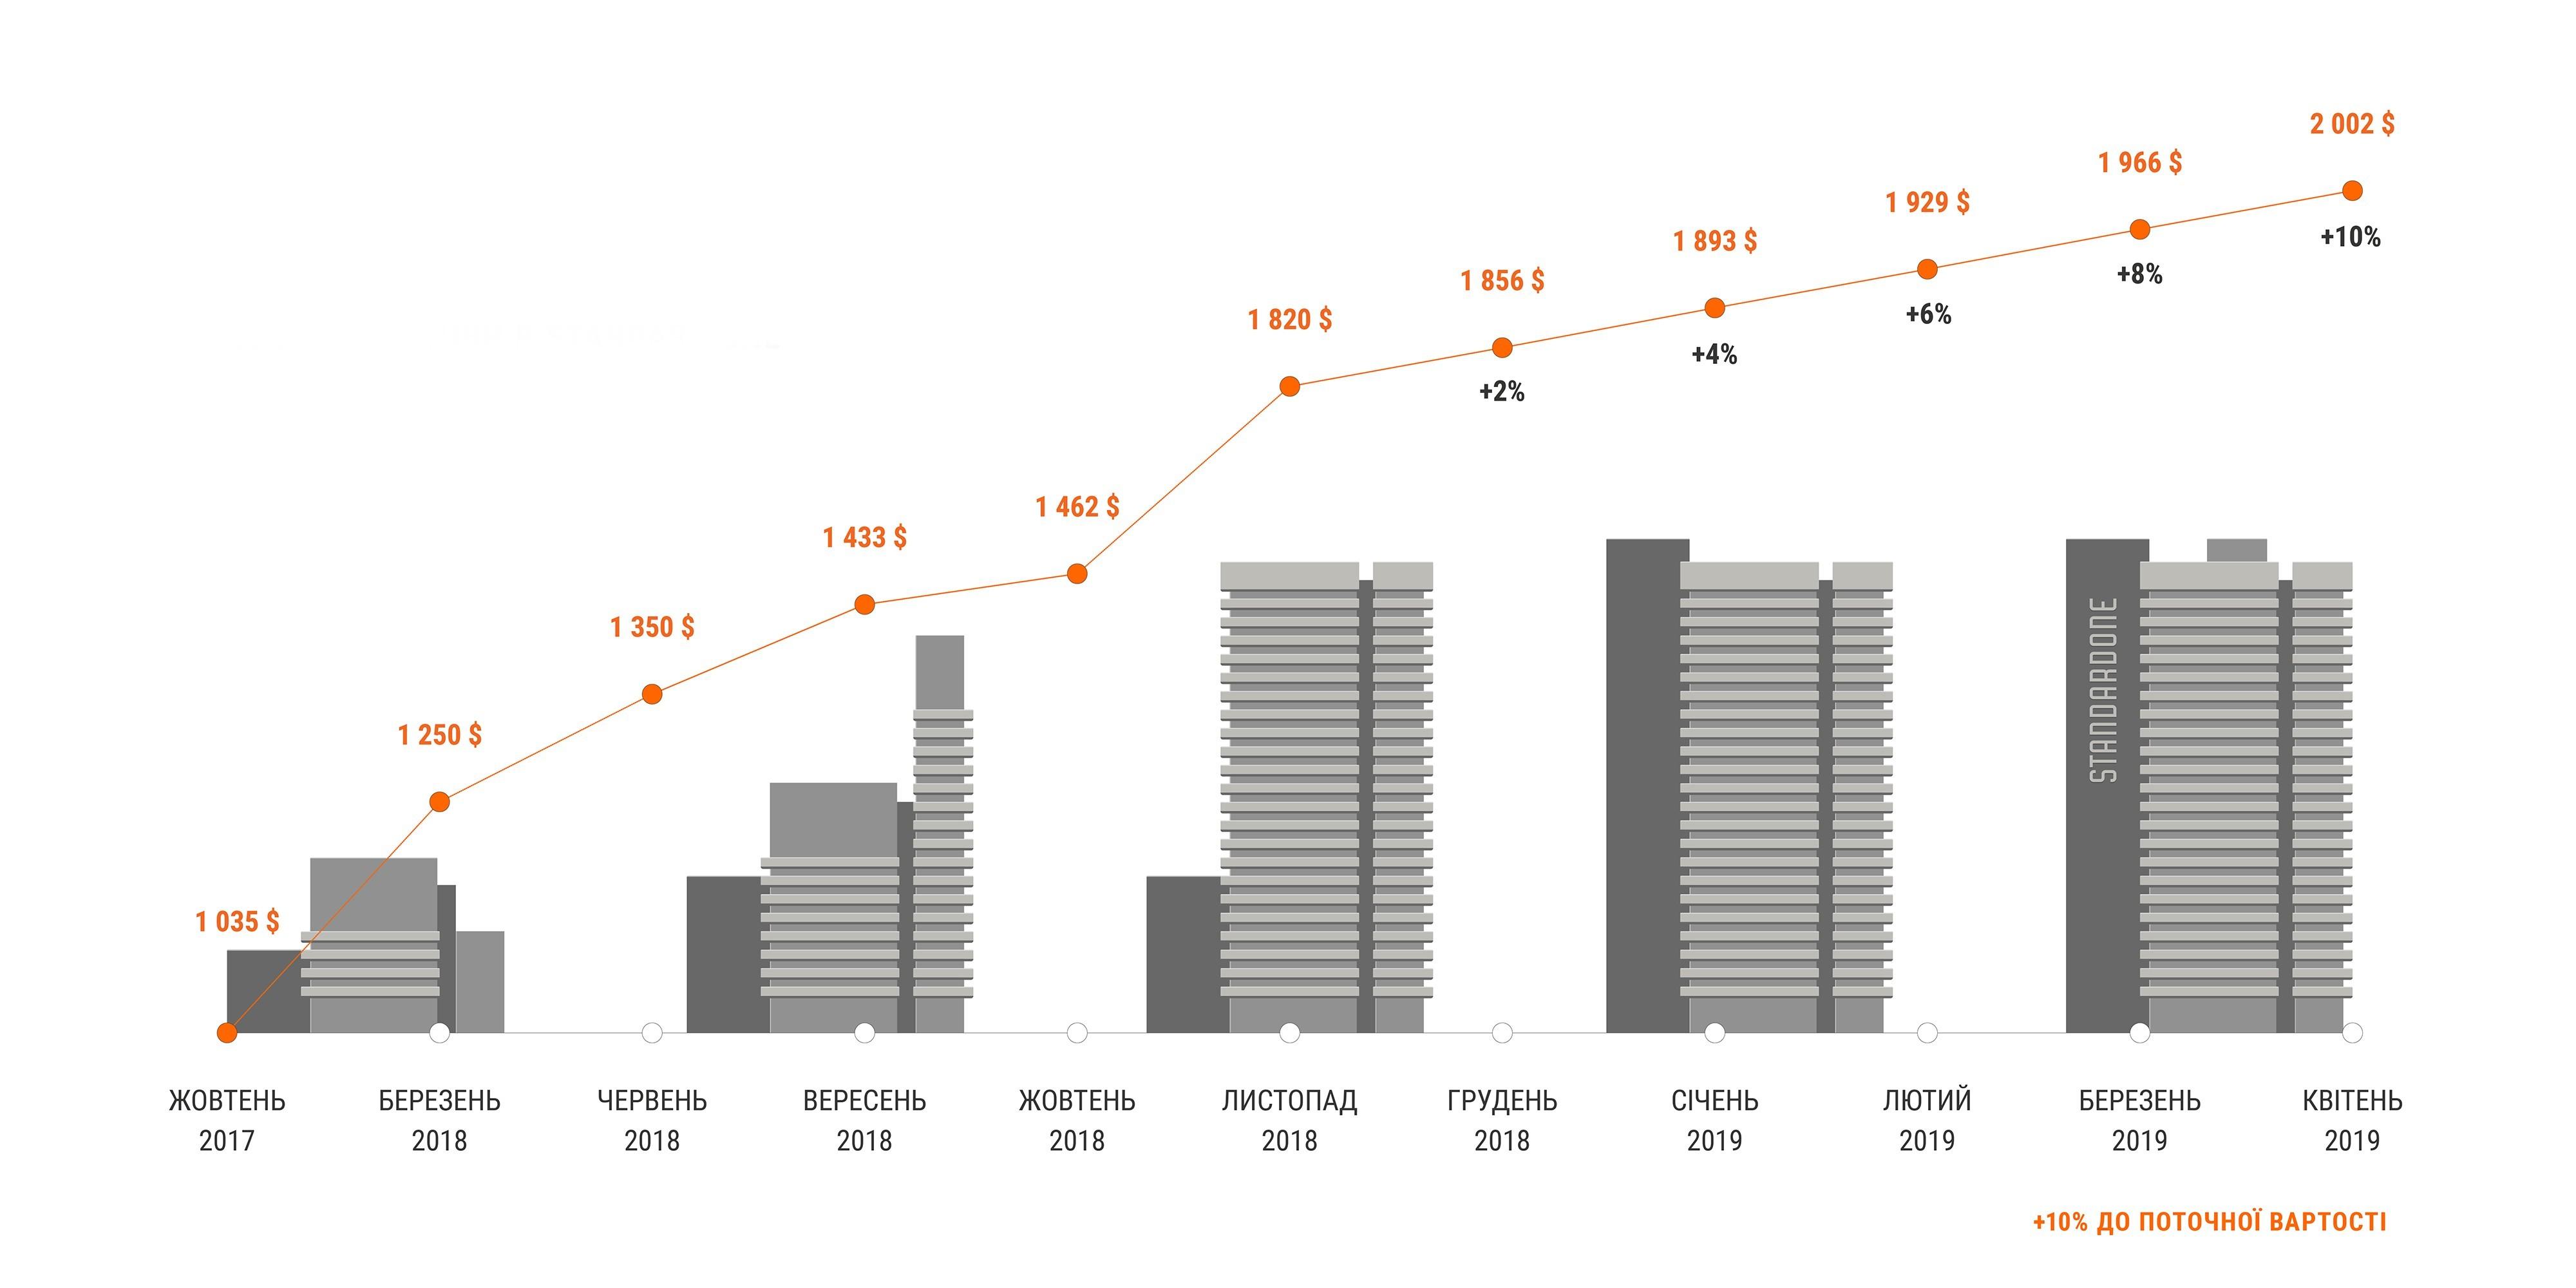 графік зростання цін